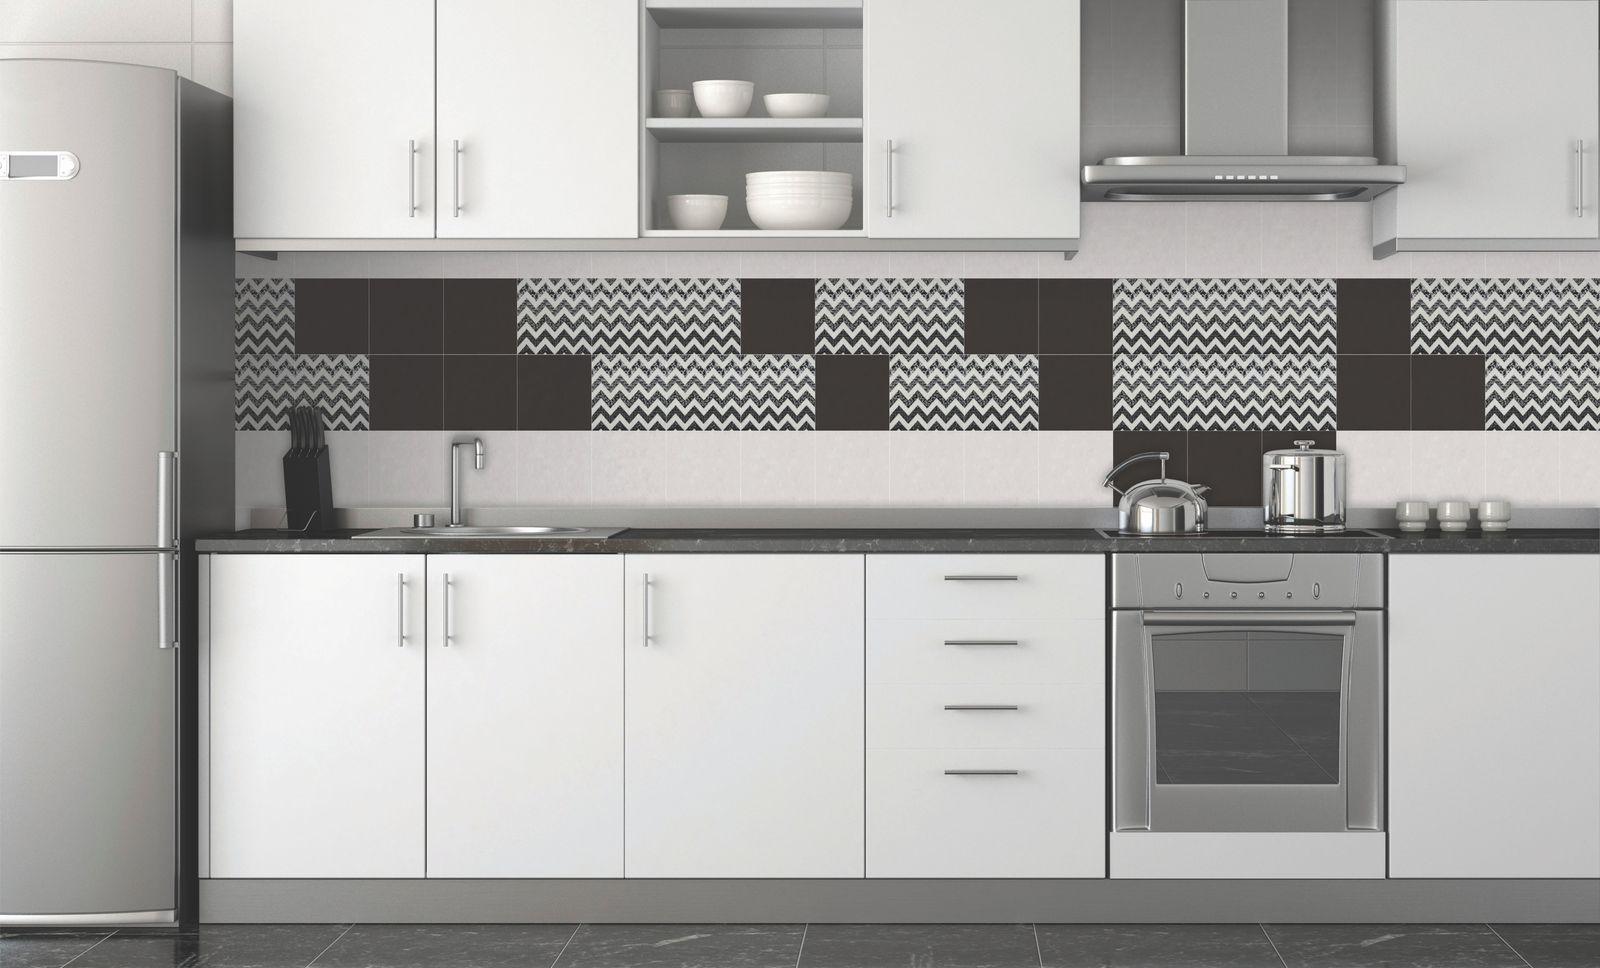 neoart 1025 1051 15x15 cm layout result